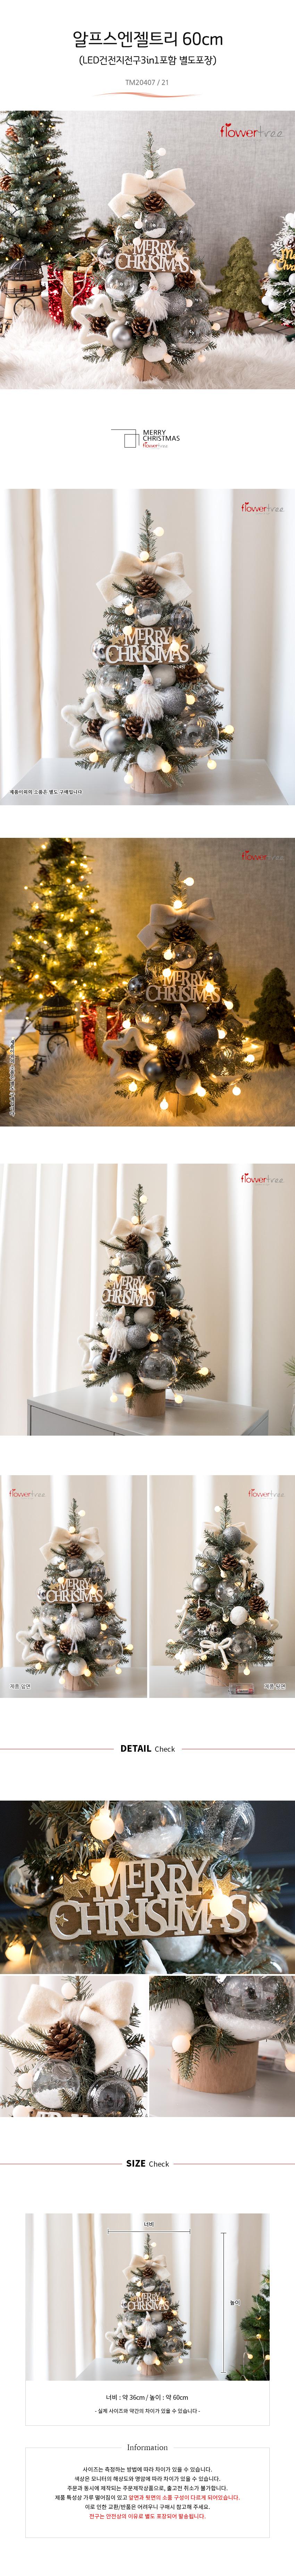 LED알프스엔젤트리 60cmP 크리스마스 장식 TRHMES 78,600원-플라워트리인테리어, 크리스마스, 트리, 미니트리바보사랑 LED알프스엔젤트리 60cmP 크리스마스 장식 TRHMES 78,600원-플라워트리인테리어, 크리스마스, 트리, 미니트리바보사랑